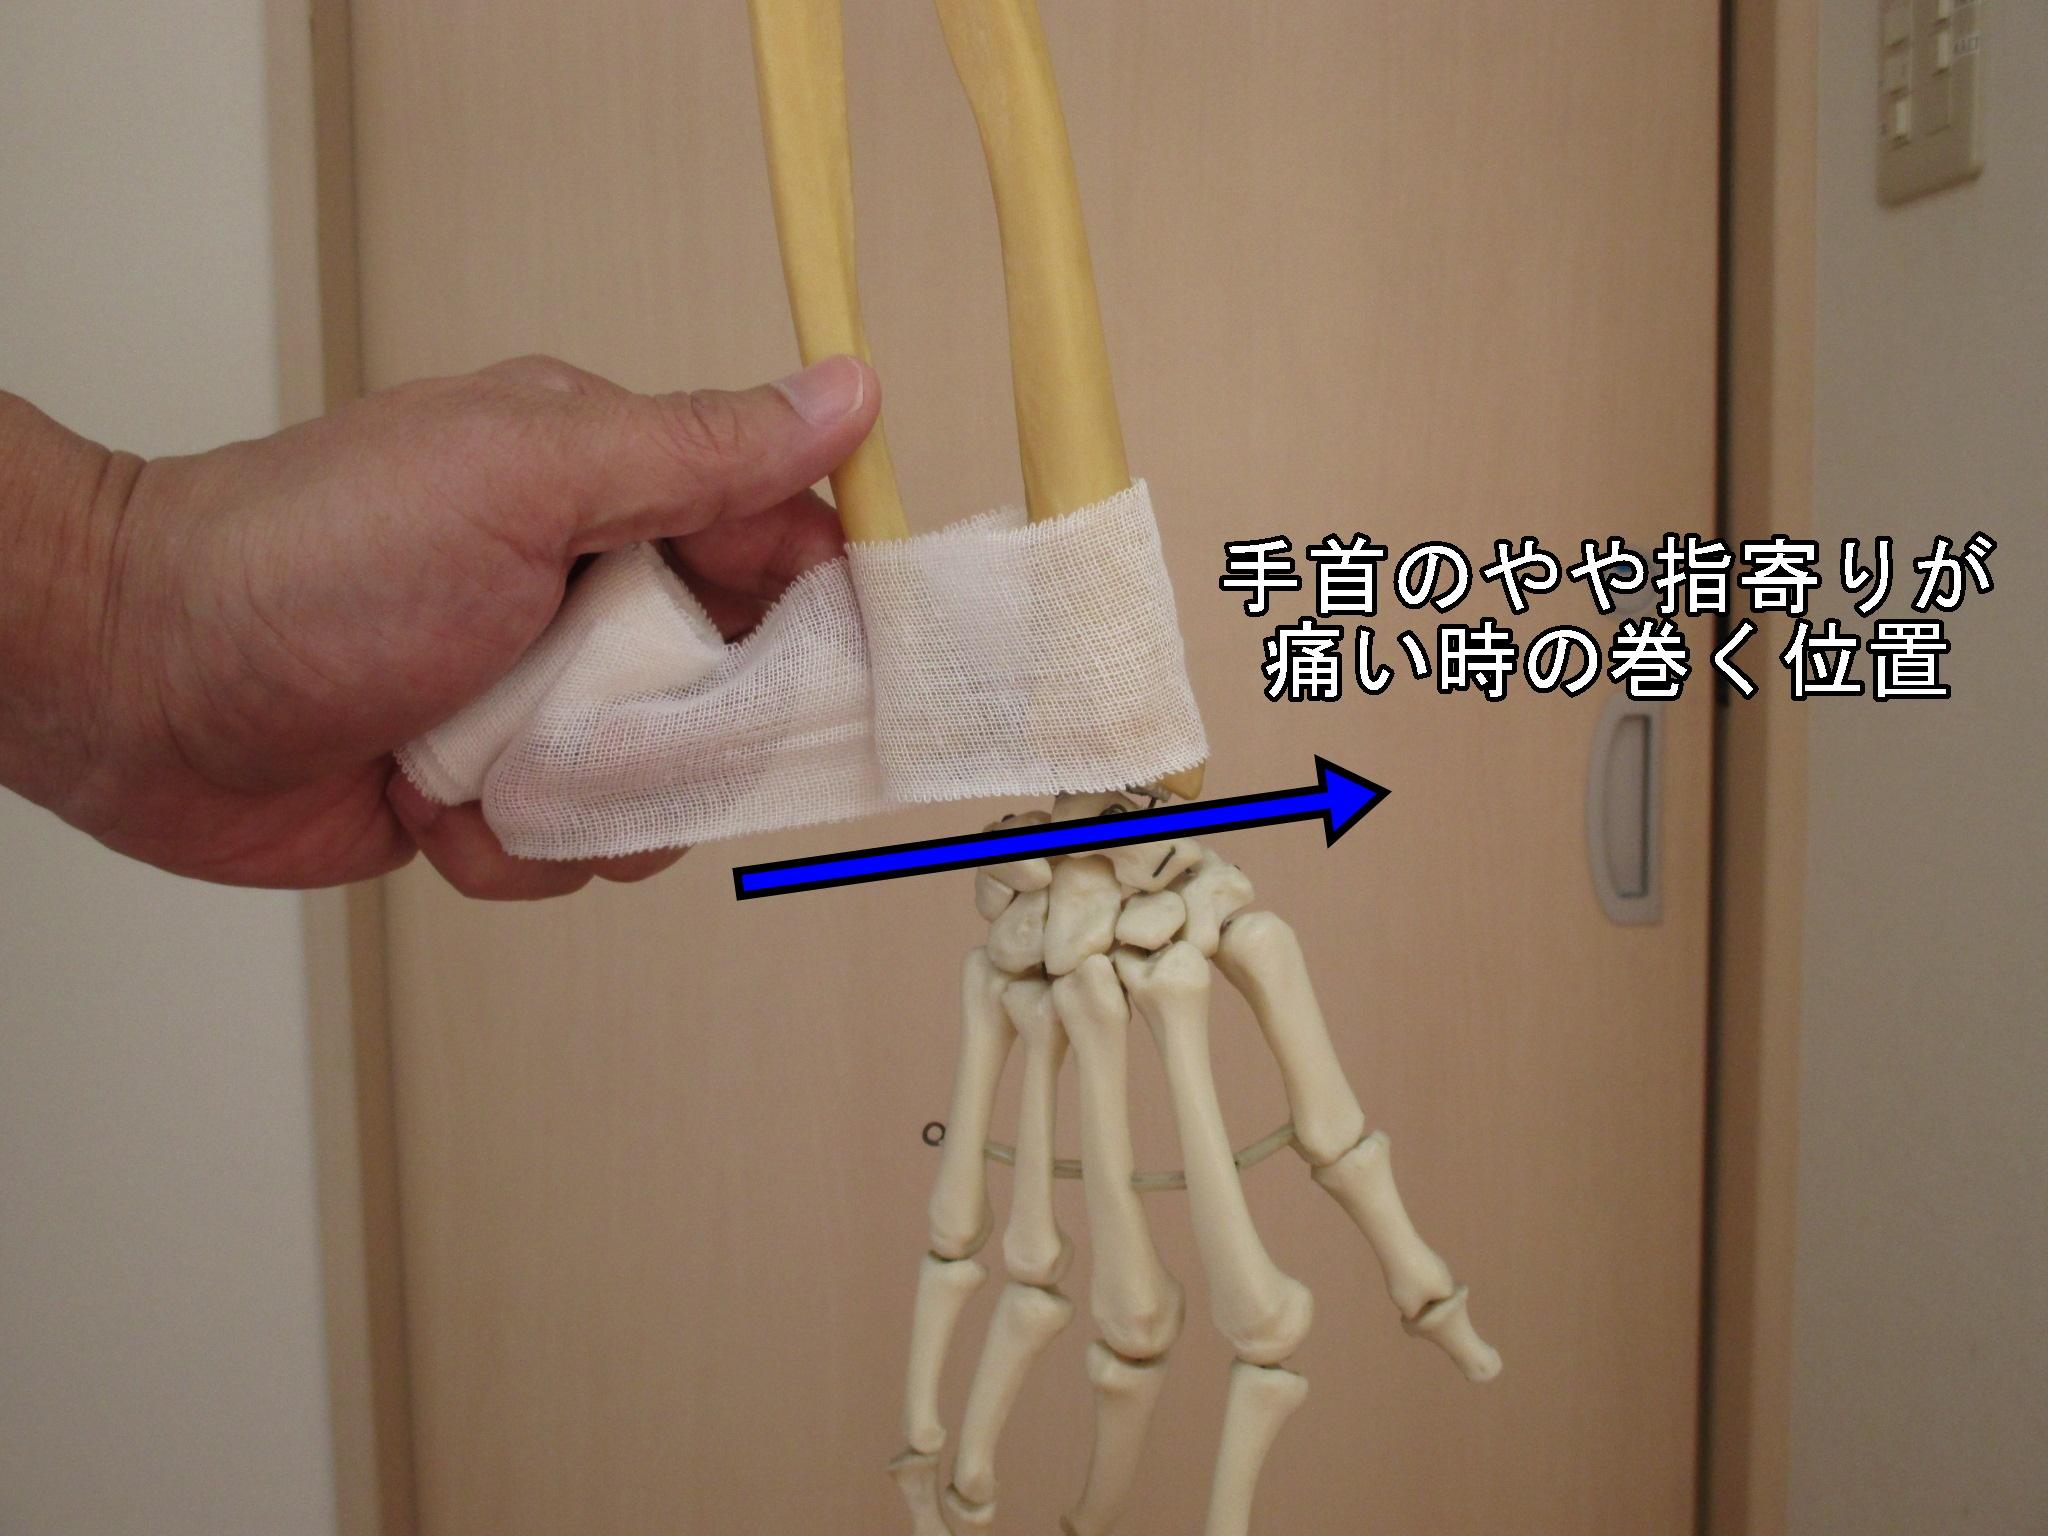 手首のやや指寄りが痛い時の巻く位置